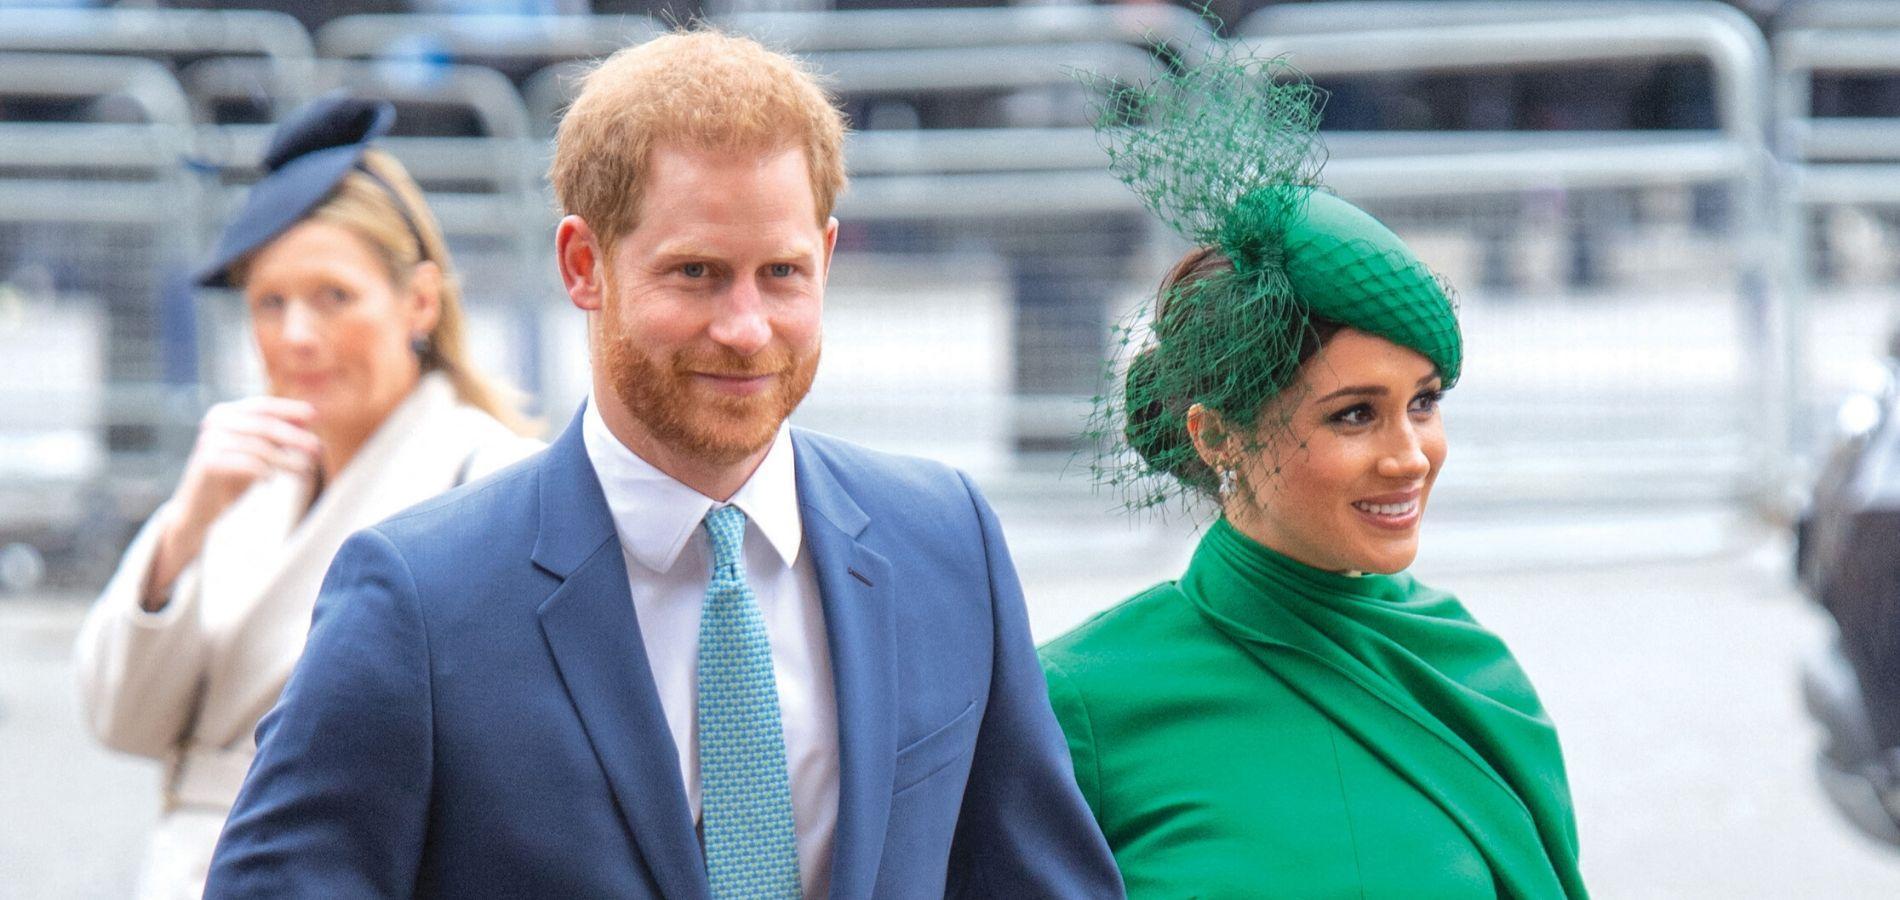 Le prince Harry et Meghan Markle paient désormais un loyer en Angleterre